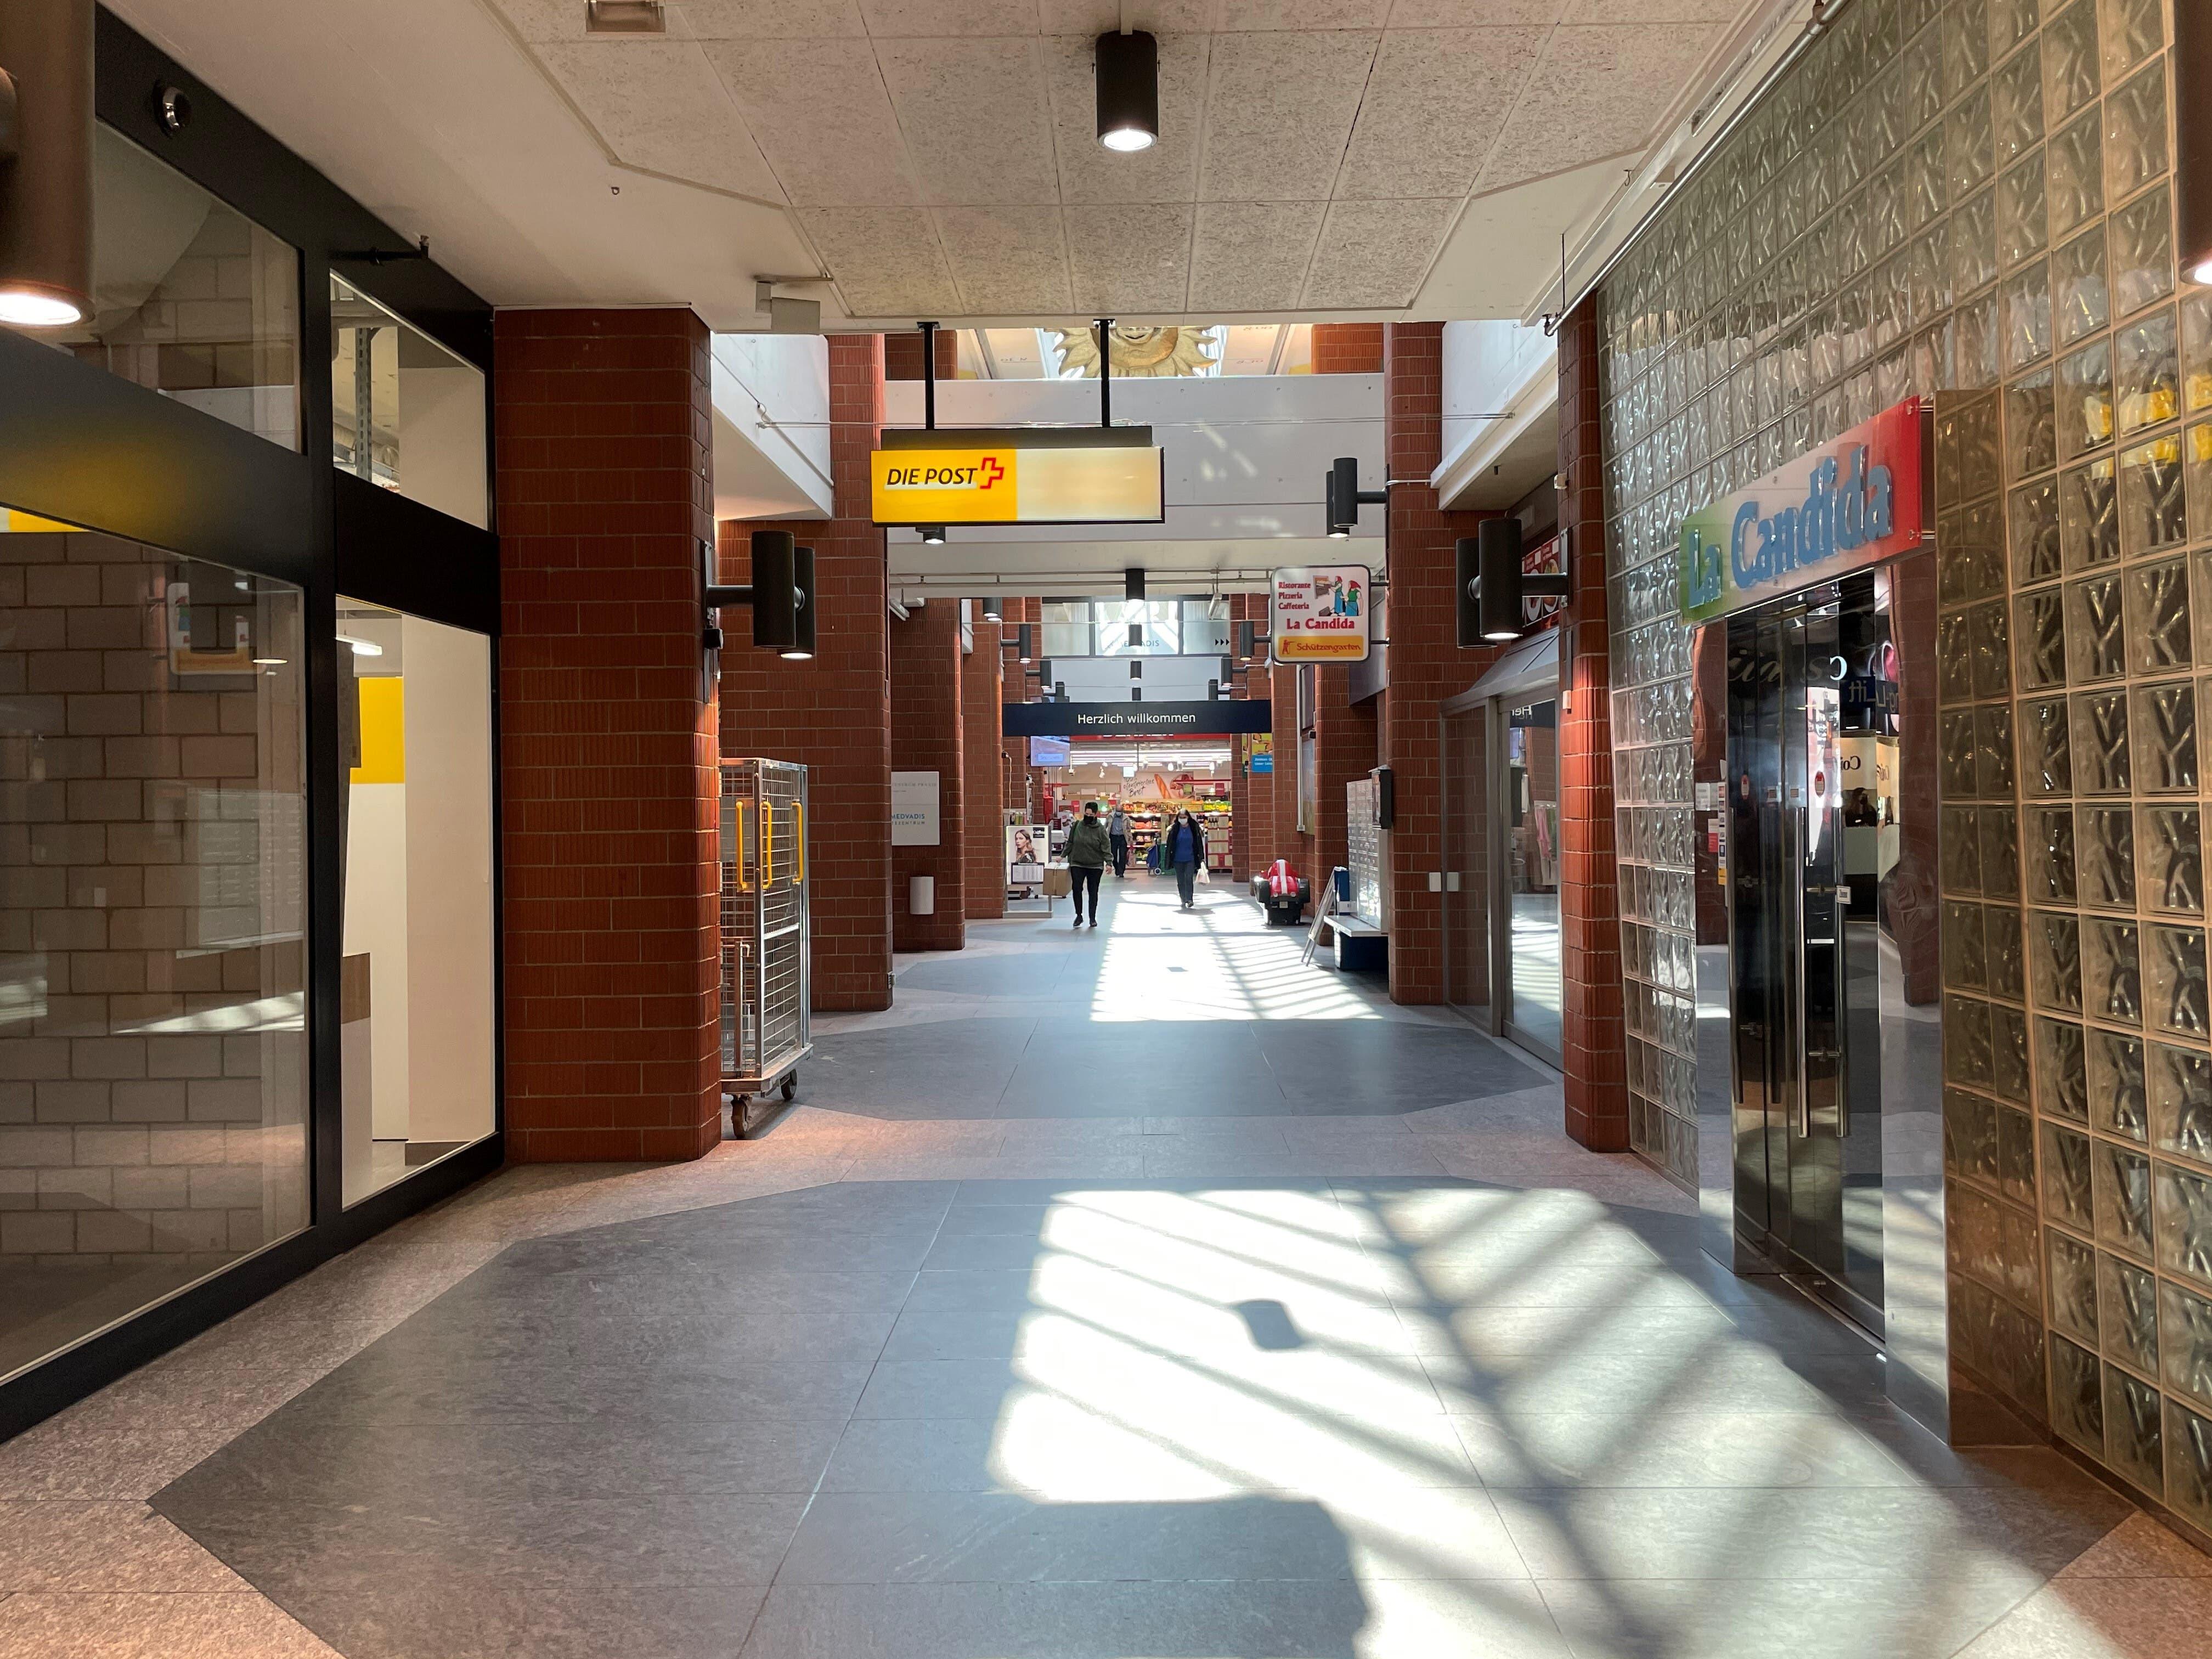 Das künftige Café wird in der Ladengasse an die Post angrenzen. In die Räume des bestehenden Restaurants zieht die Amavita-Apotheke, die sich aktuell neben der Migros befindet.